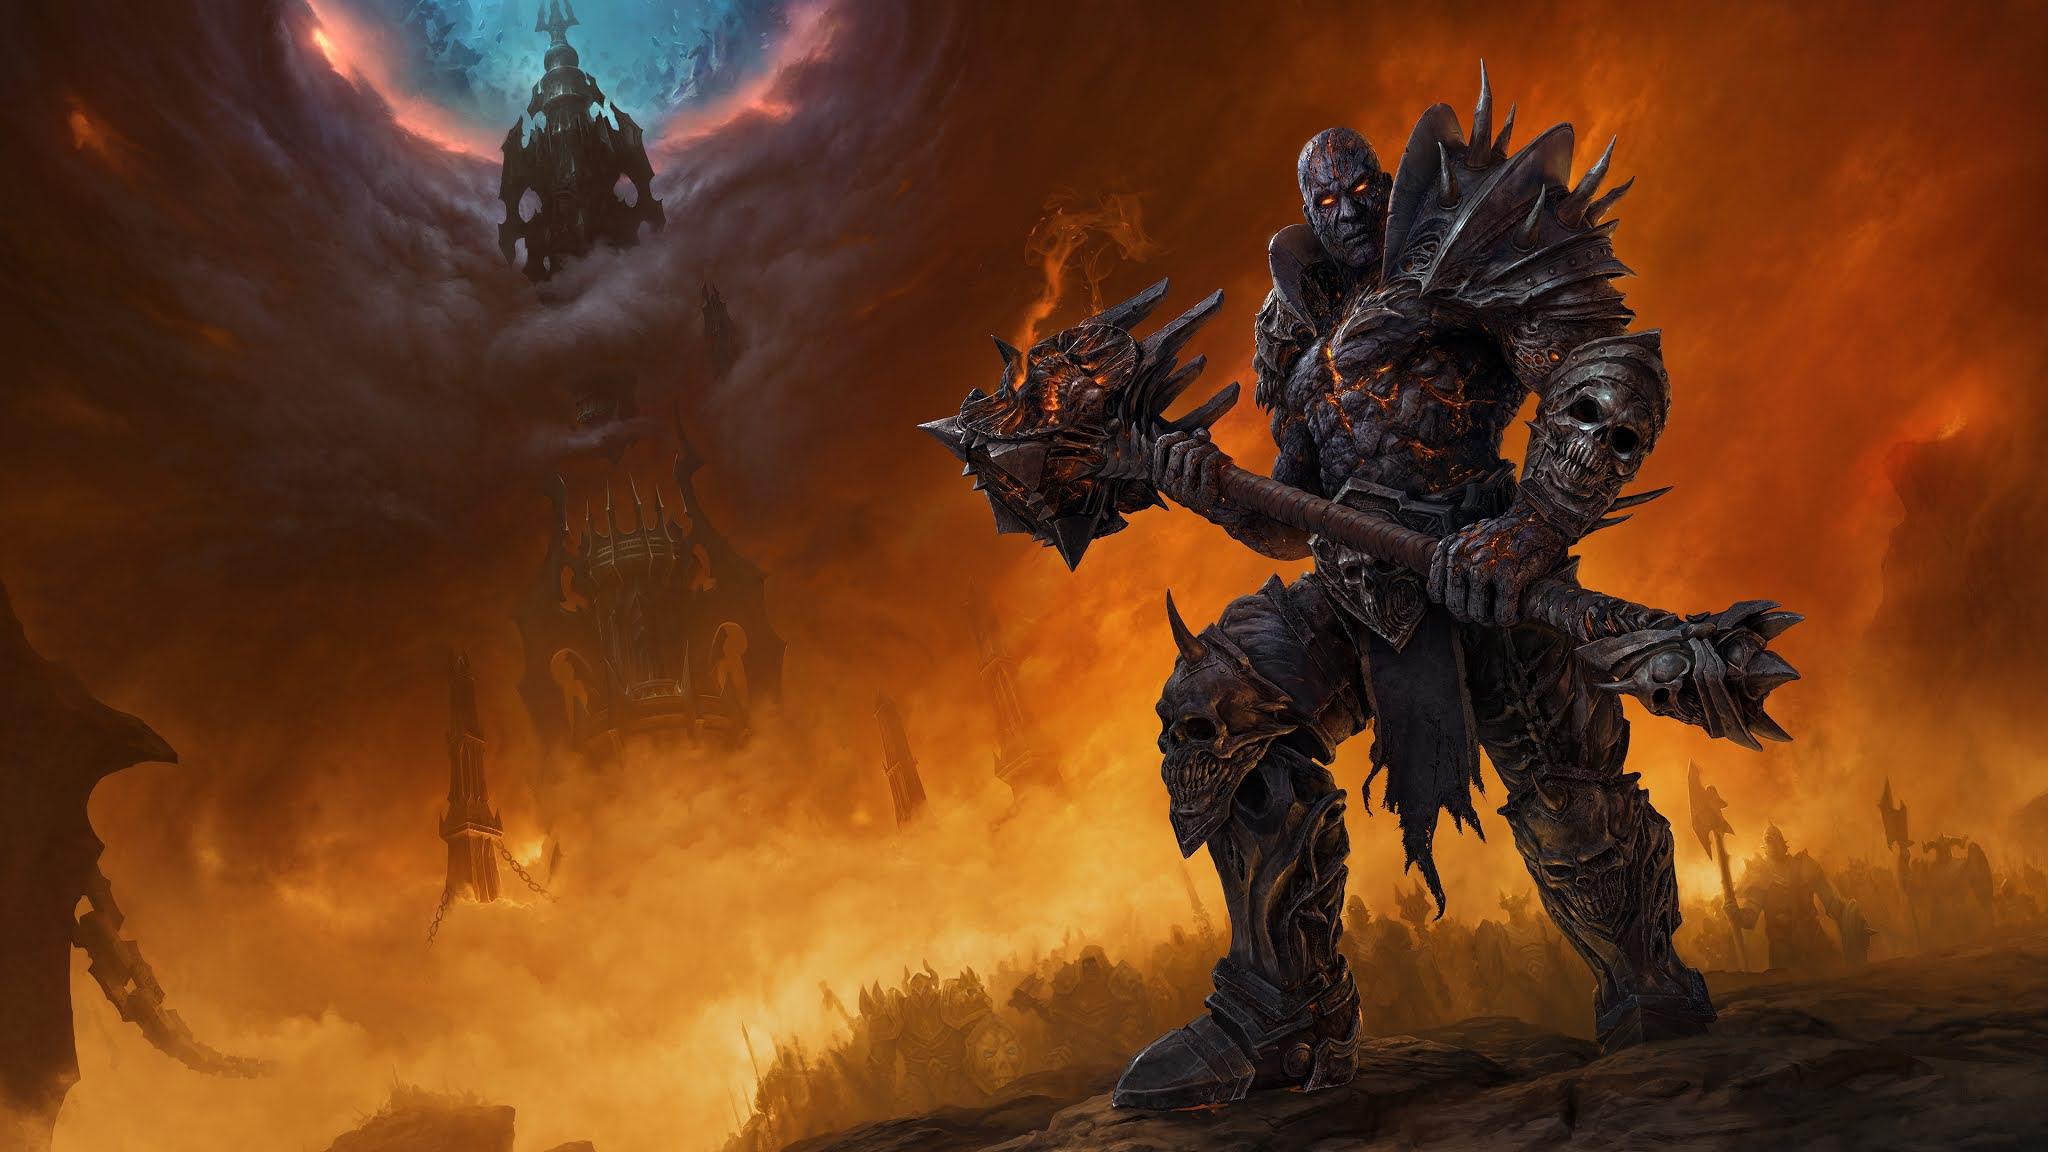 Warrior in World of Warcraft: Shadowlands